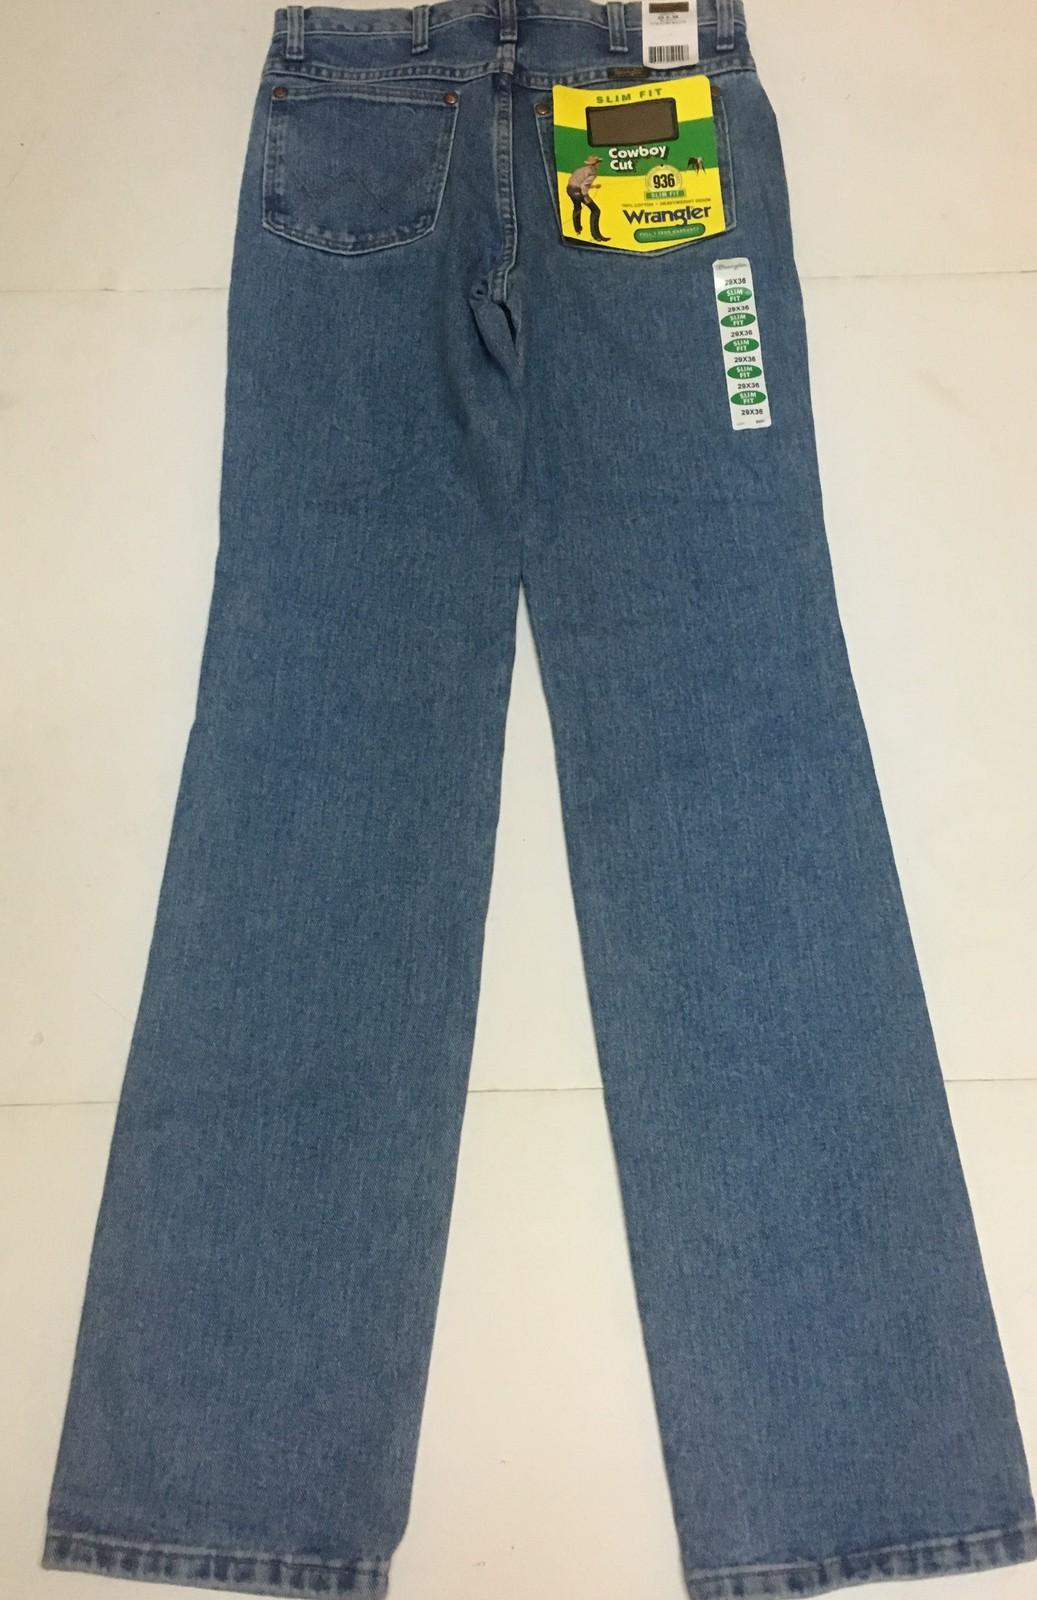 Men's Wrangler 936 Cowboy Cut Blue Jeans Slim Fit SZ 29 x 36 Fits Over Boots